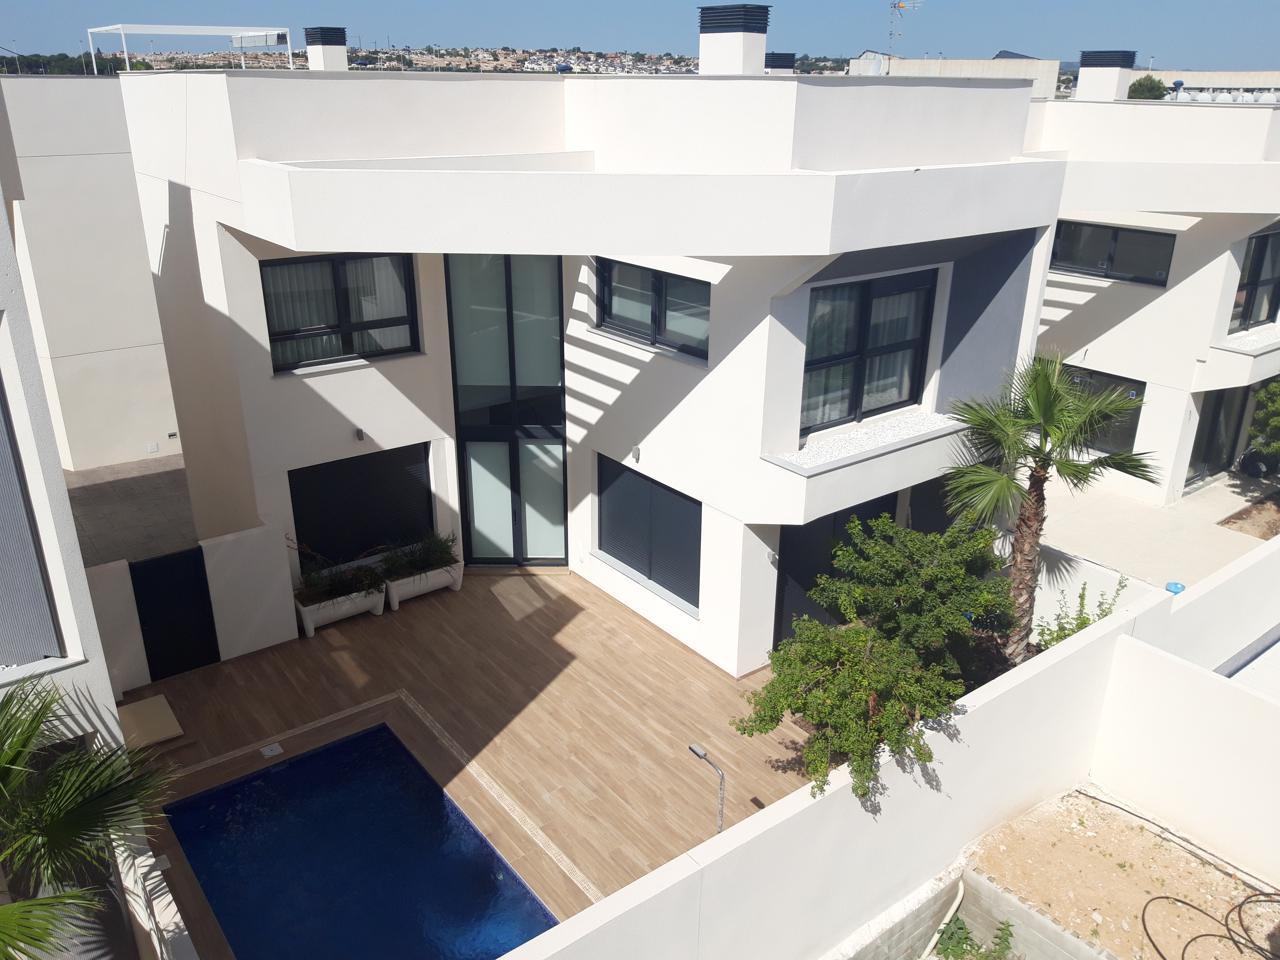 villas en torrevieja · calle-maestro-quino-03185 380000€